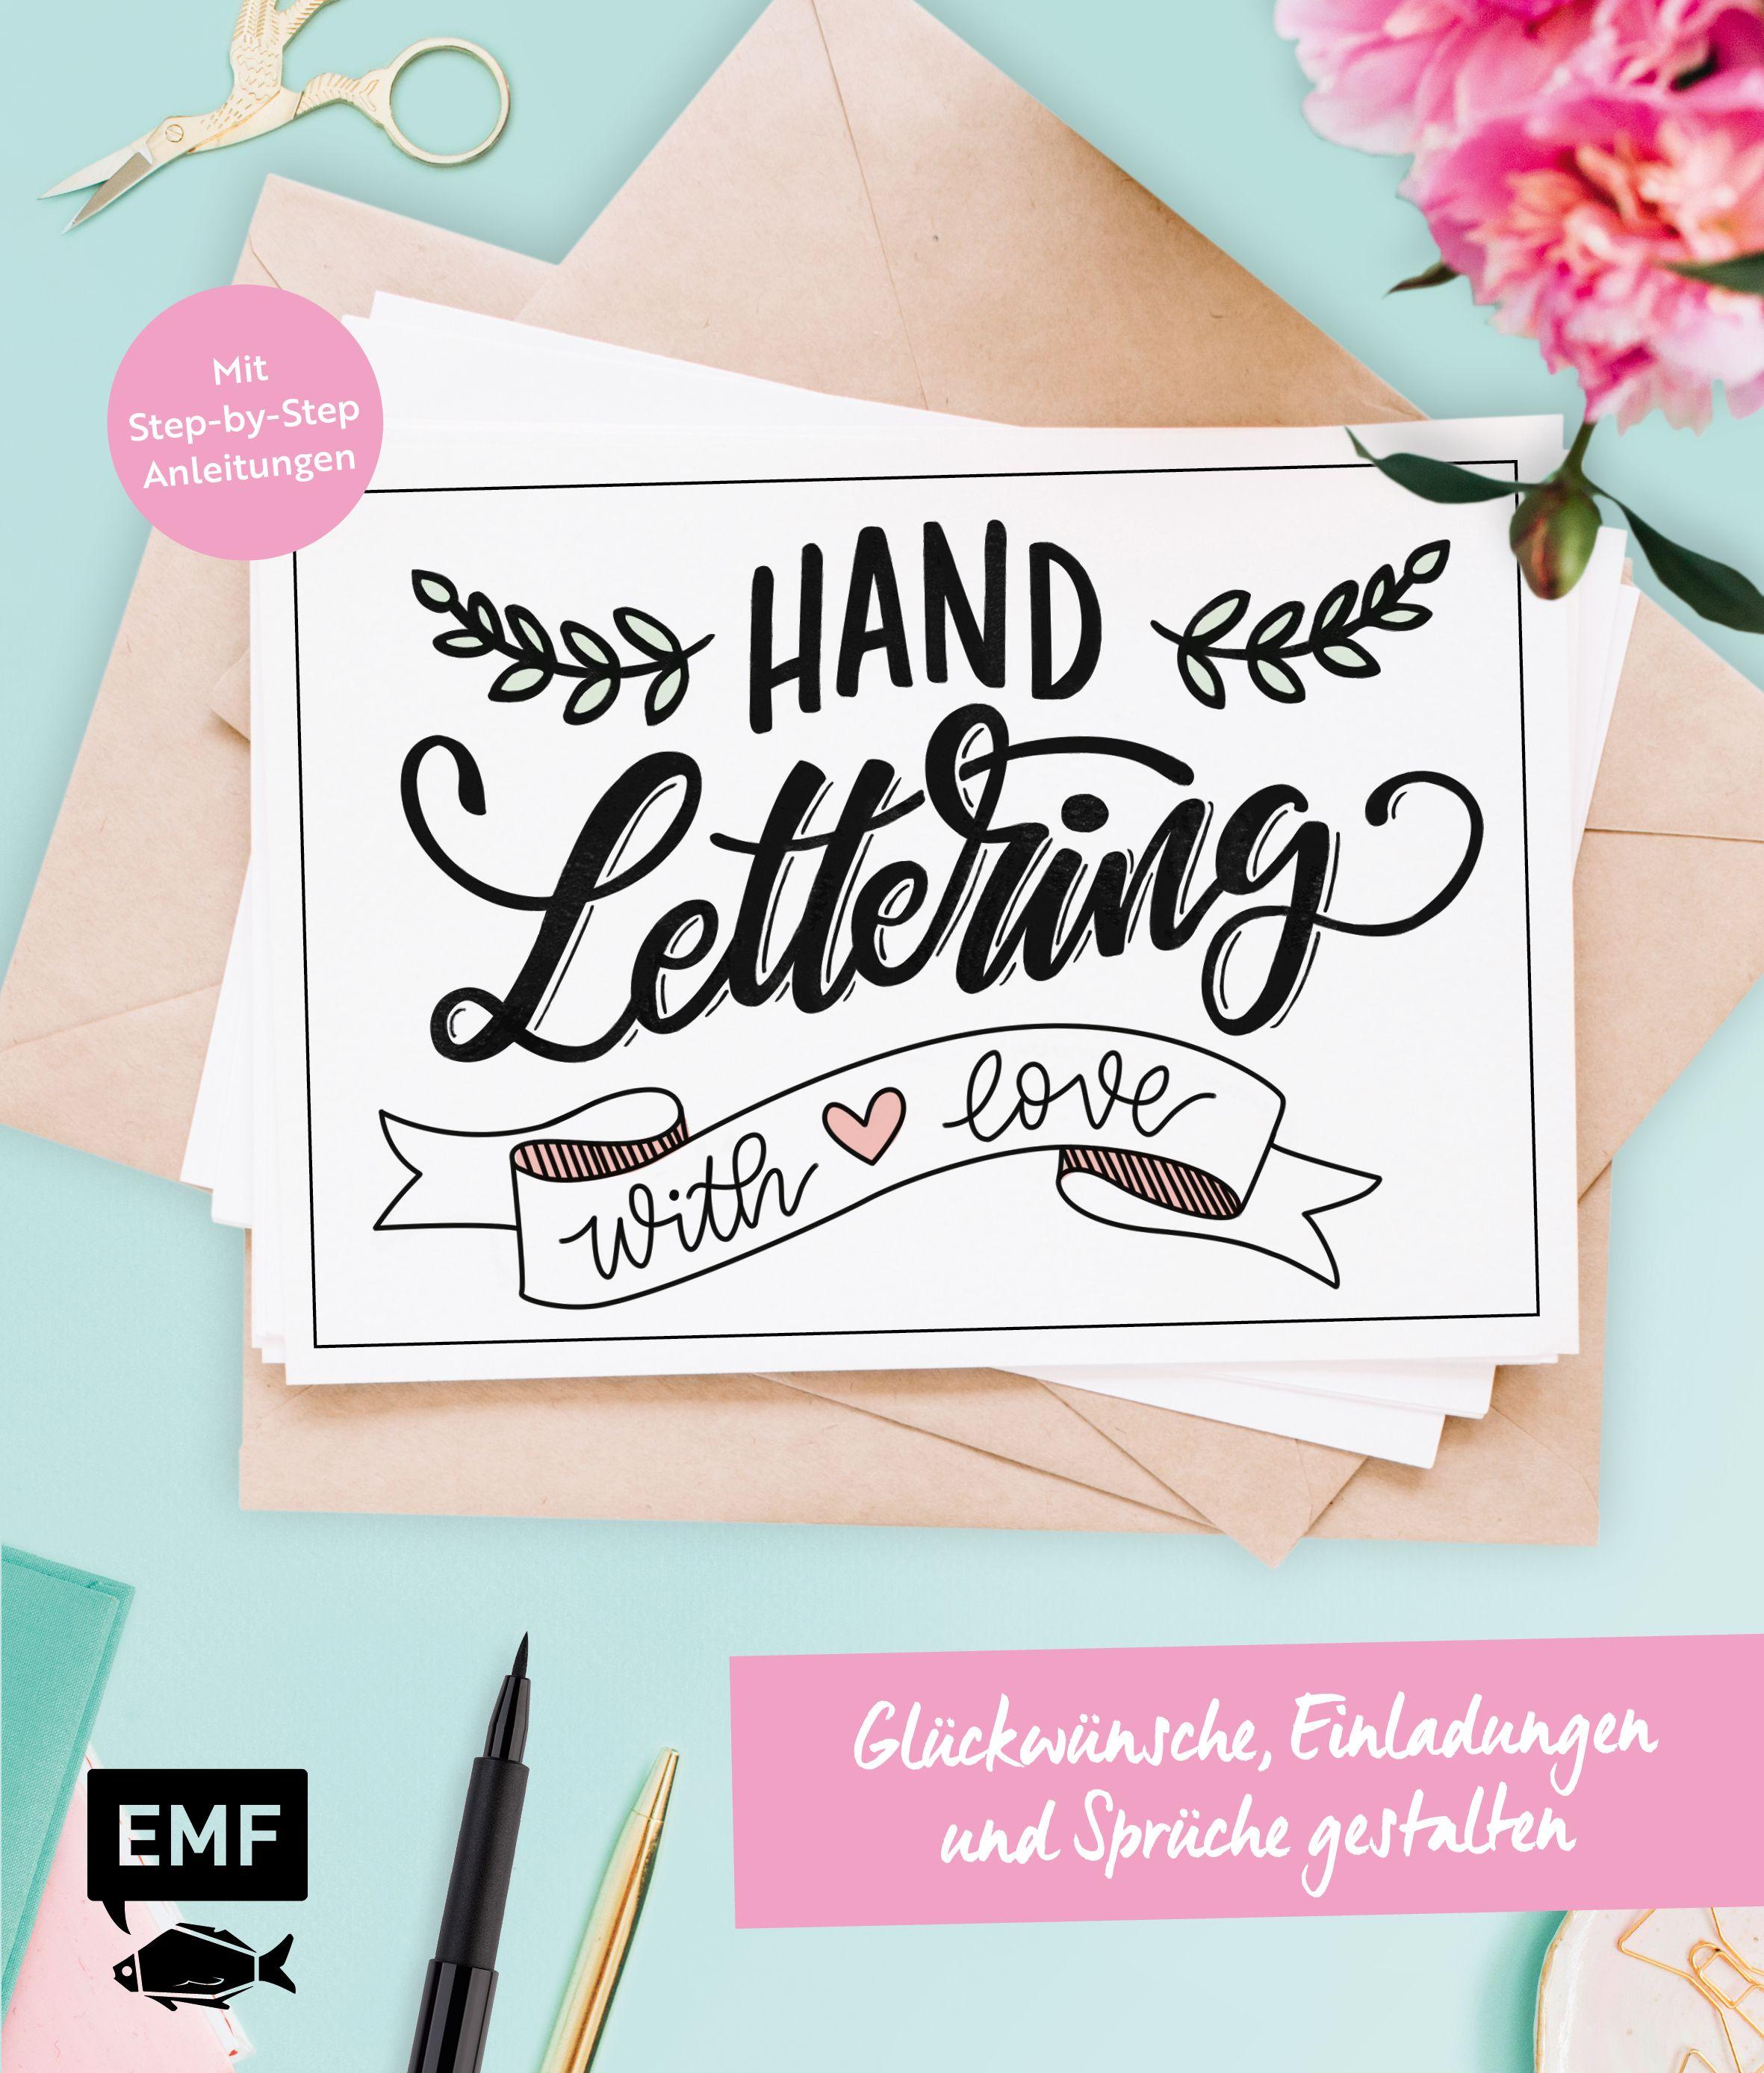 Handlettering With Love Gluckwunsche Einladungen Und Spruche G